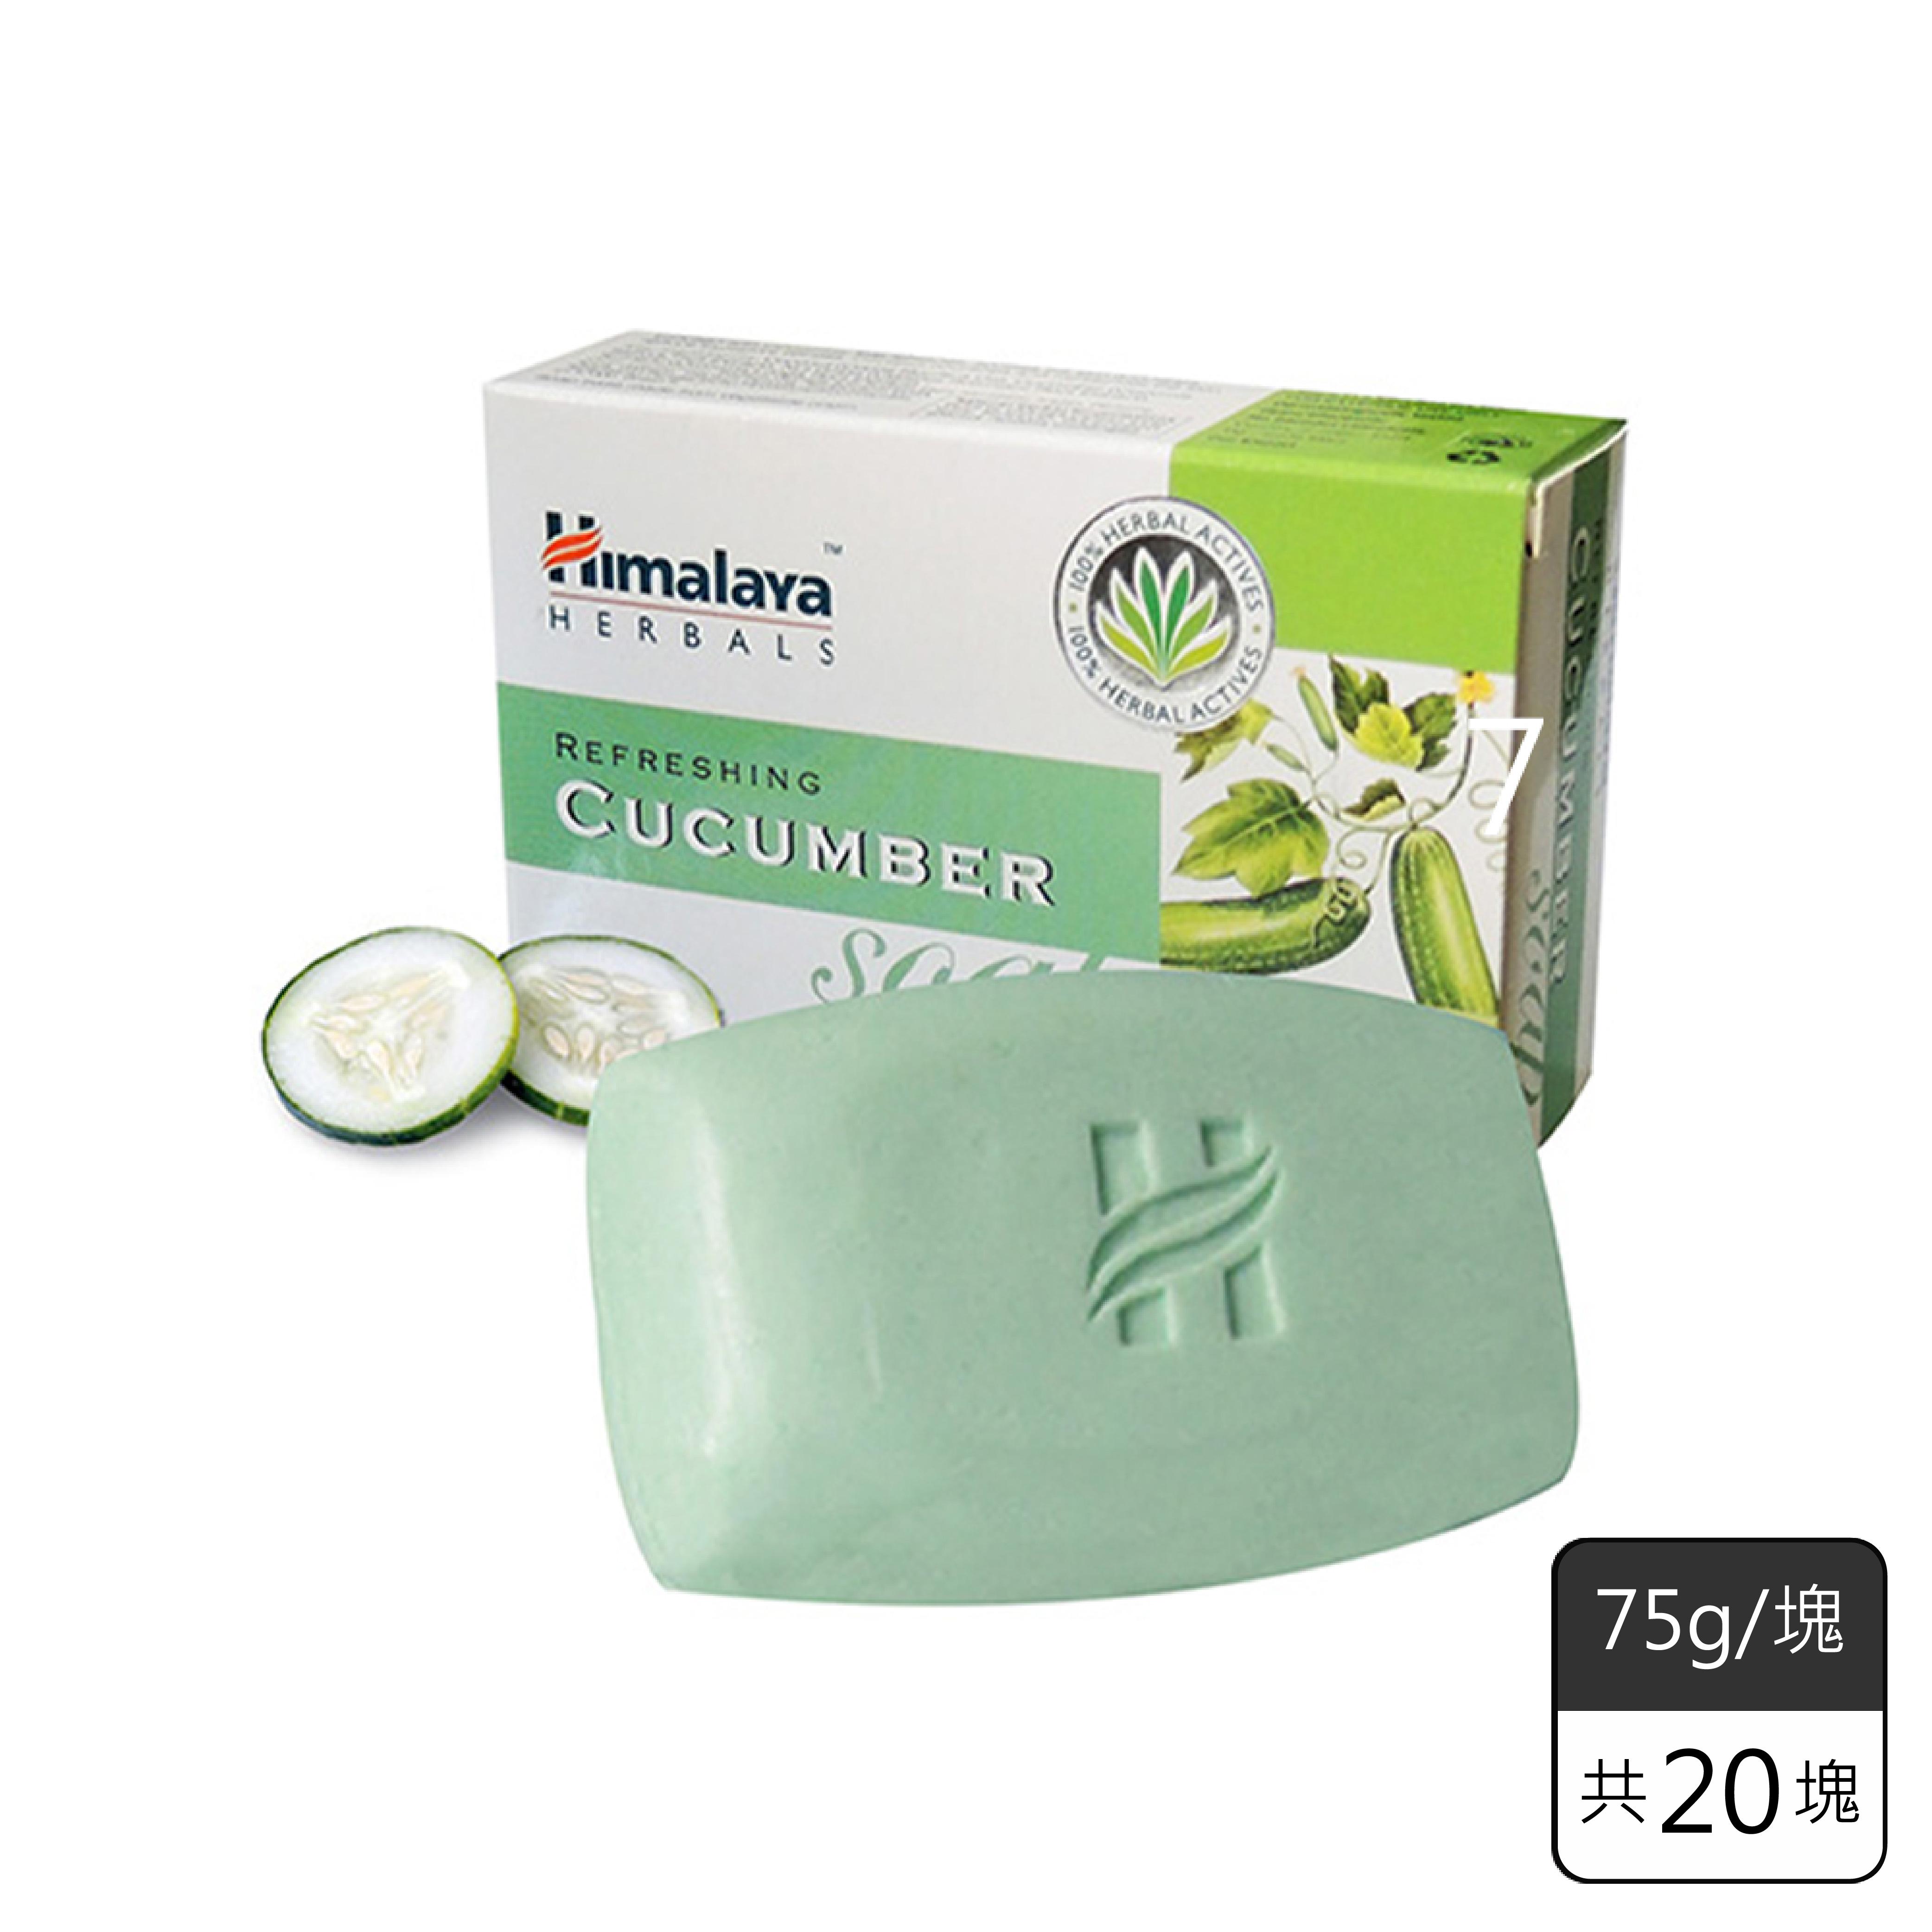 《Himalaya》 清爽小黃瓜舒活皂 (75g*20入)